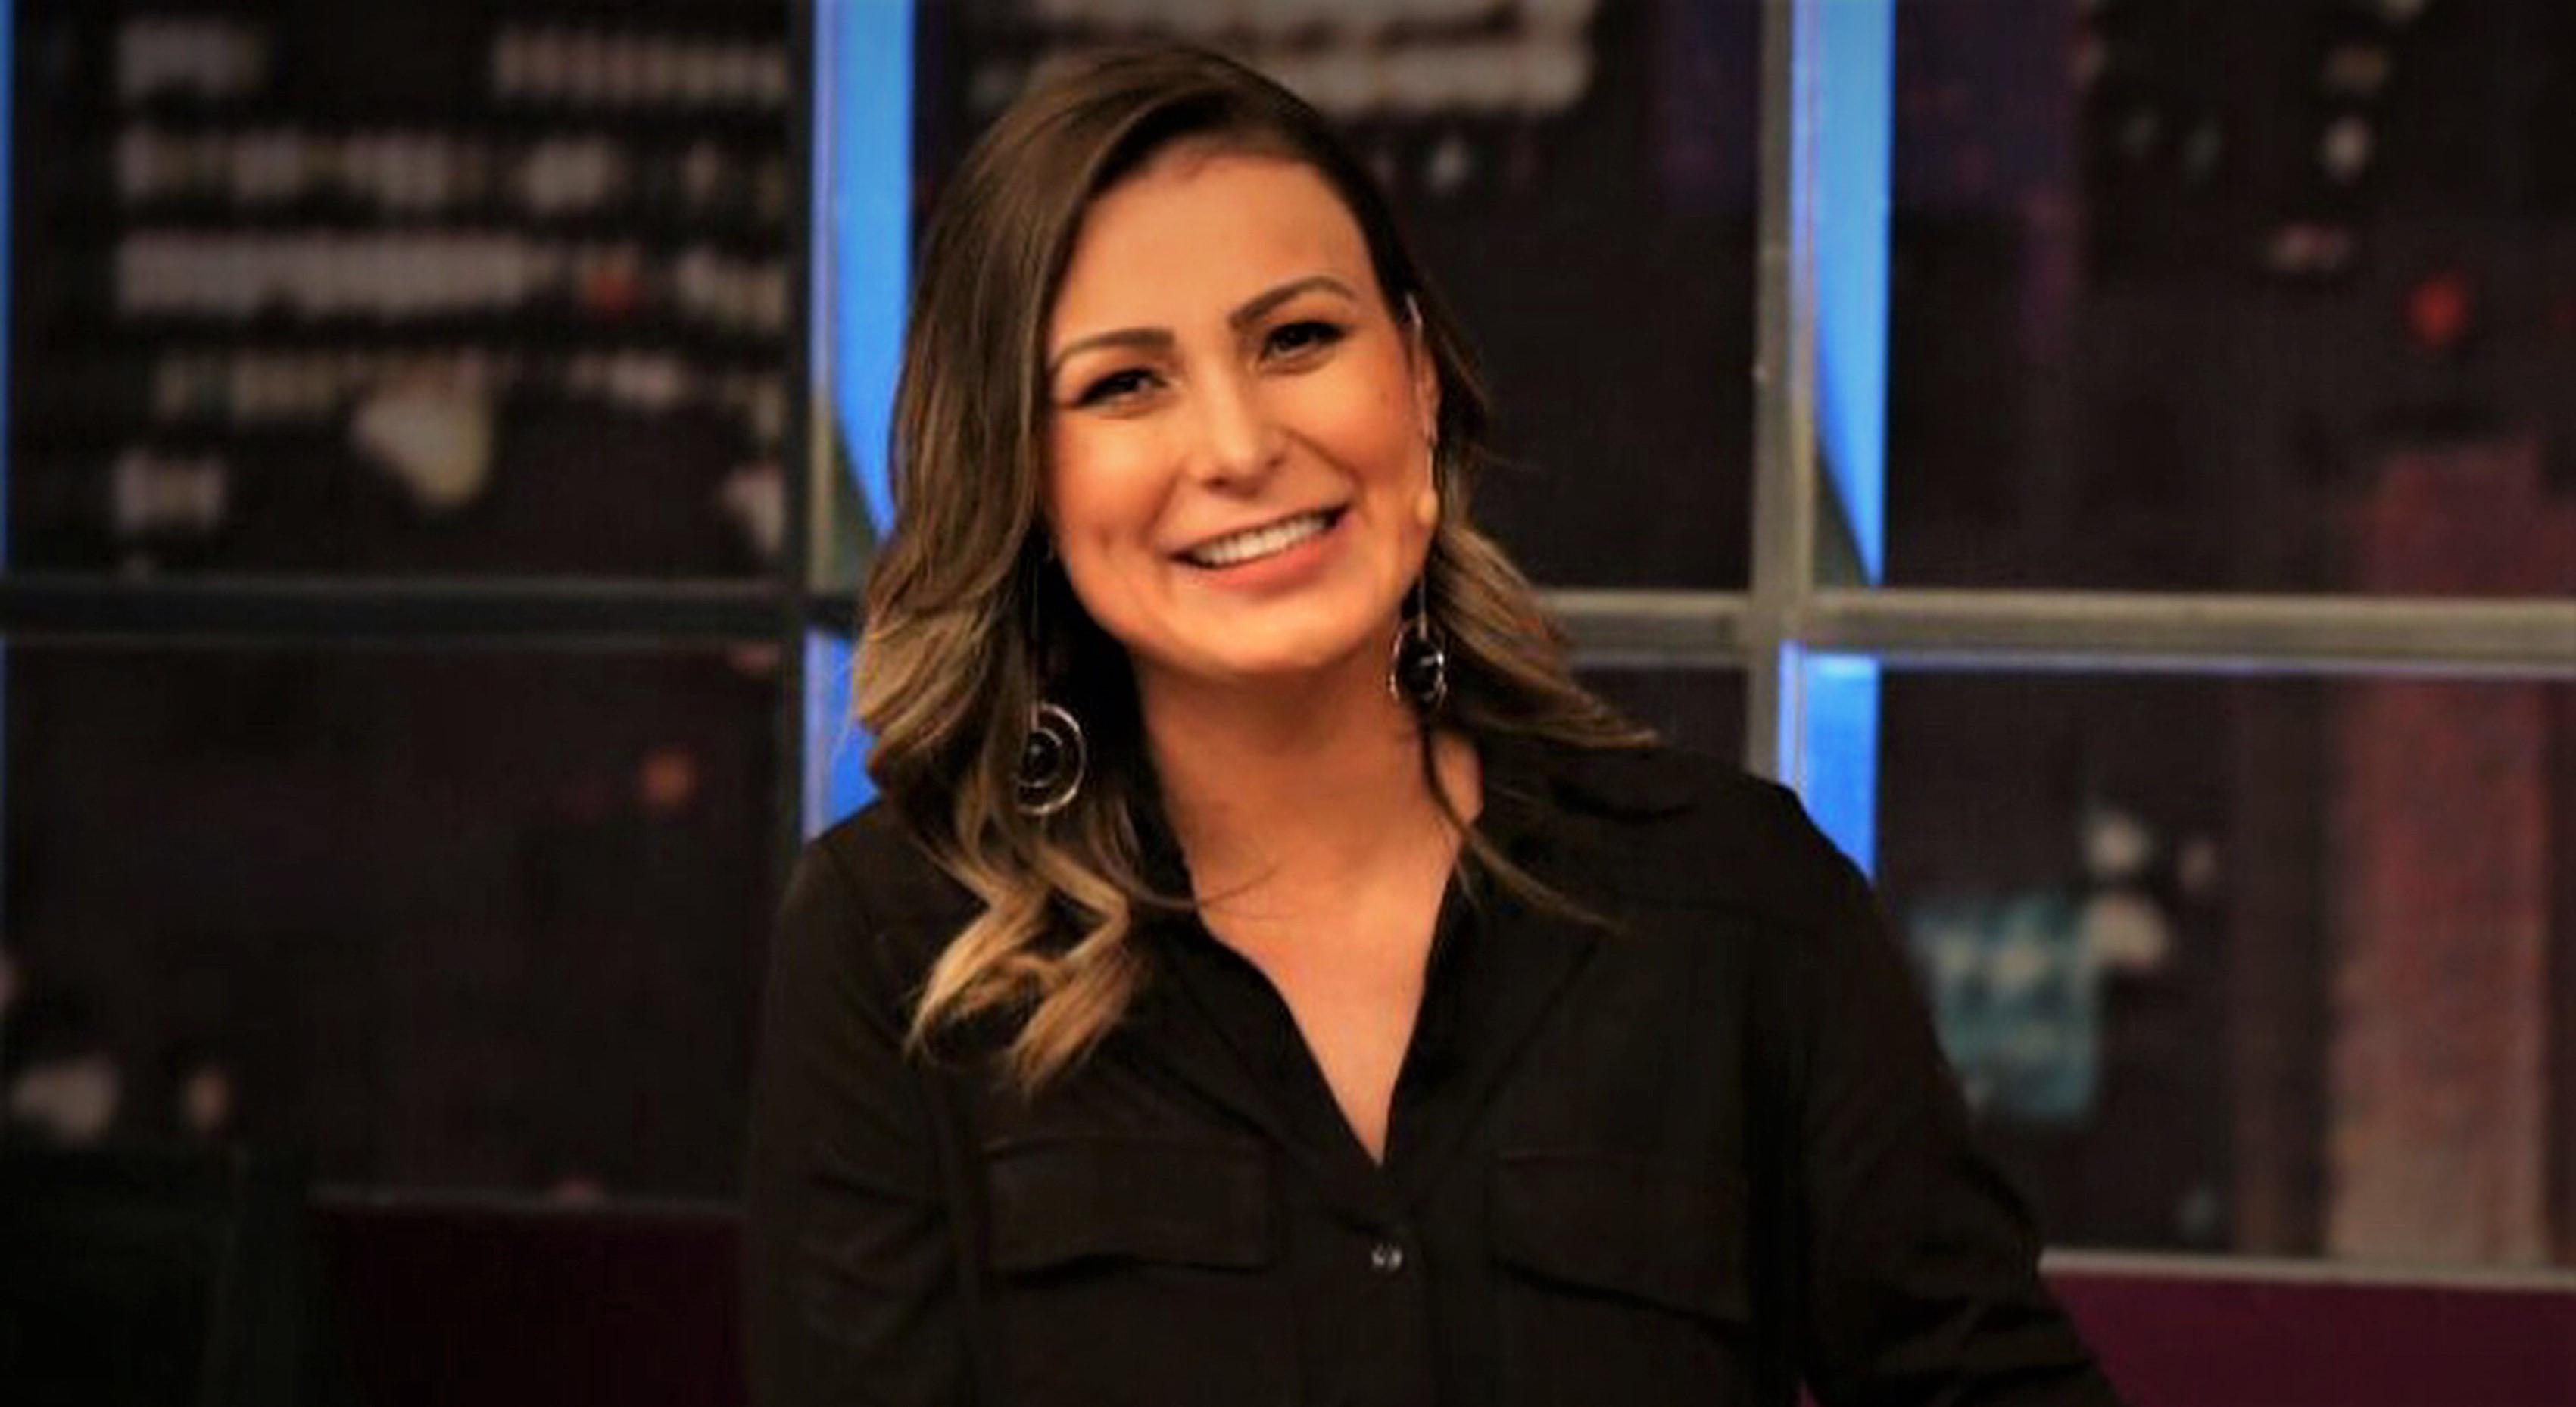 Andressa Urach vira assessora legislativa para direitos humanos